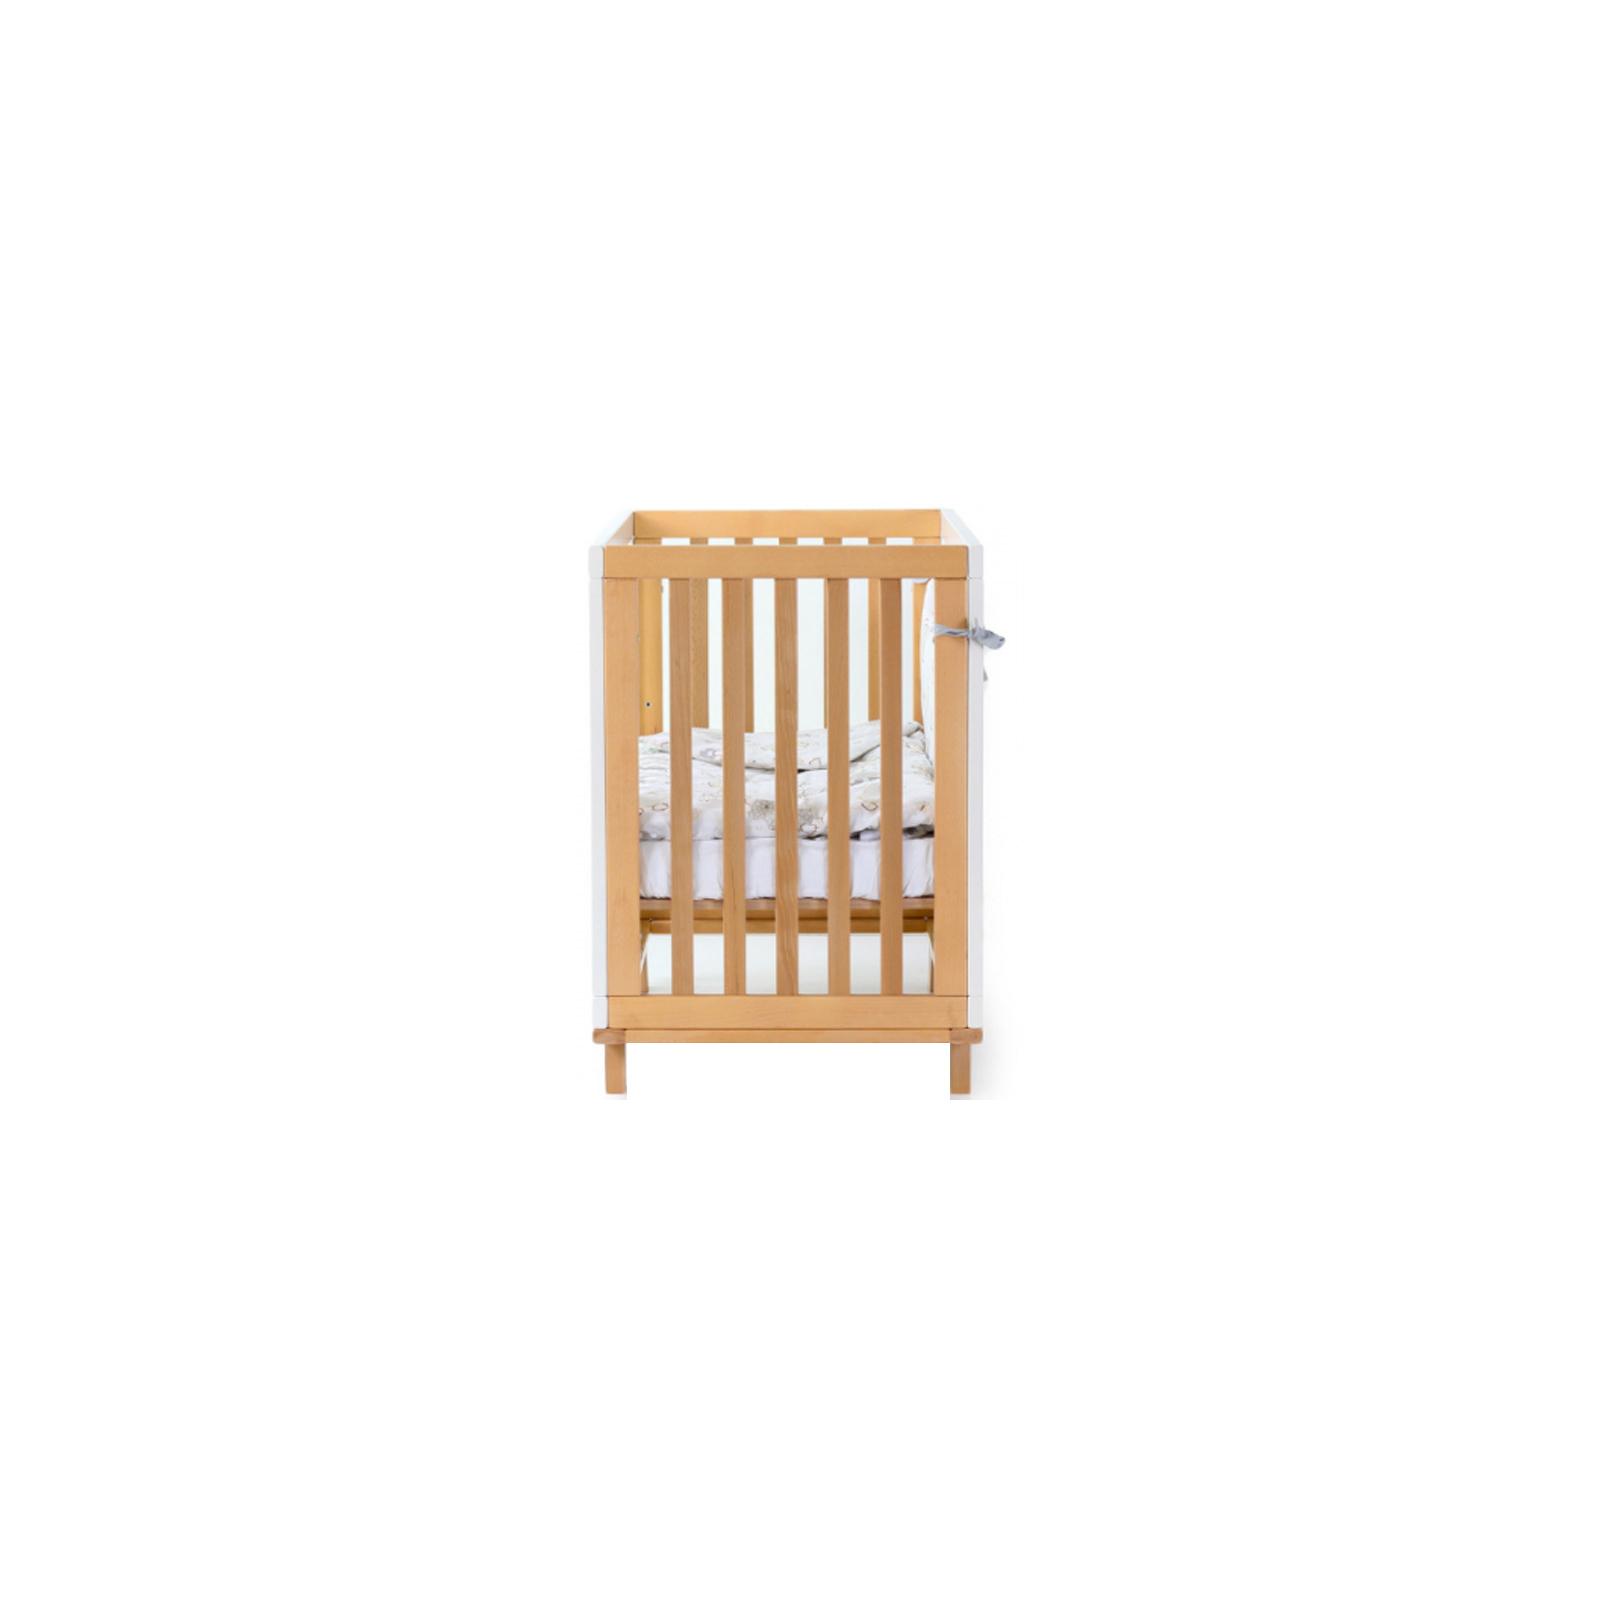 Кроватка Верес Соня ЛД-1 Манхеттен бело-буковая без ящика (1.1.70.32.15) изображение 4